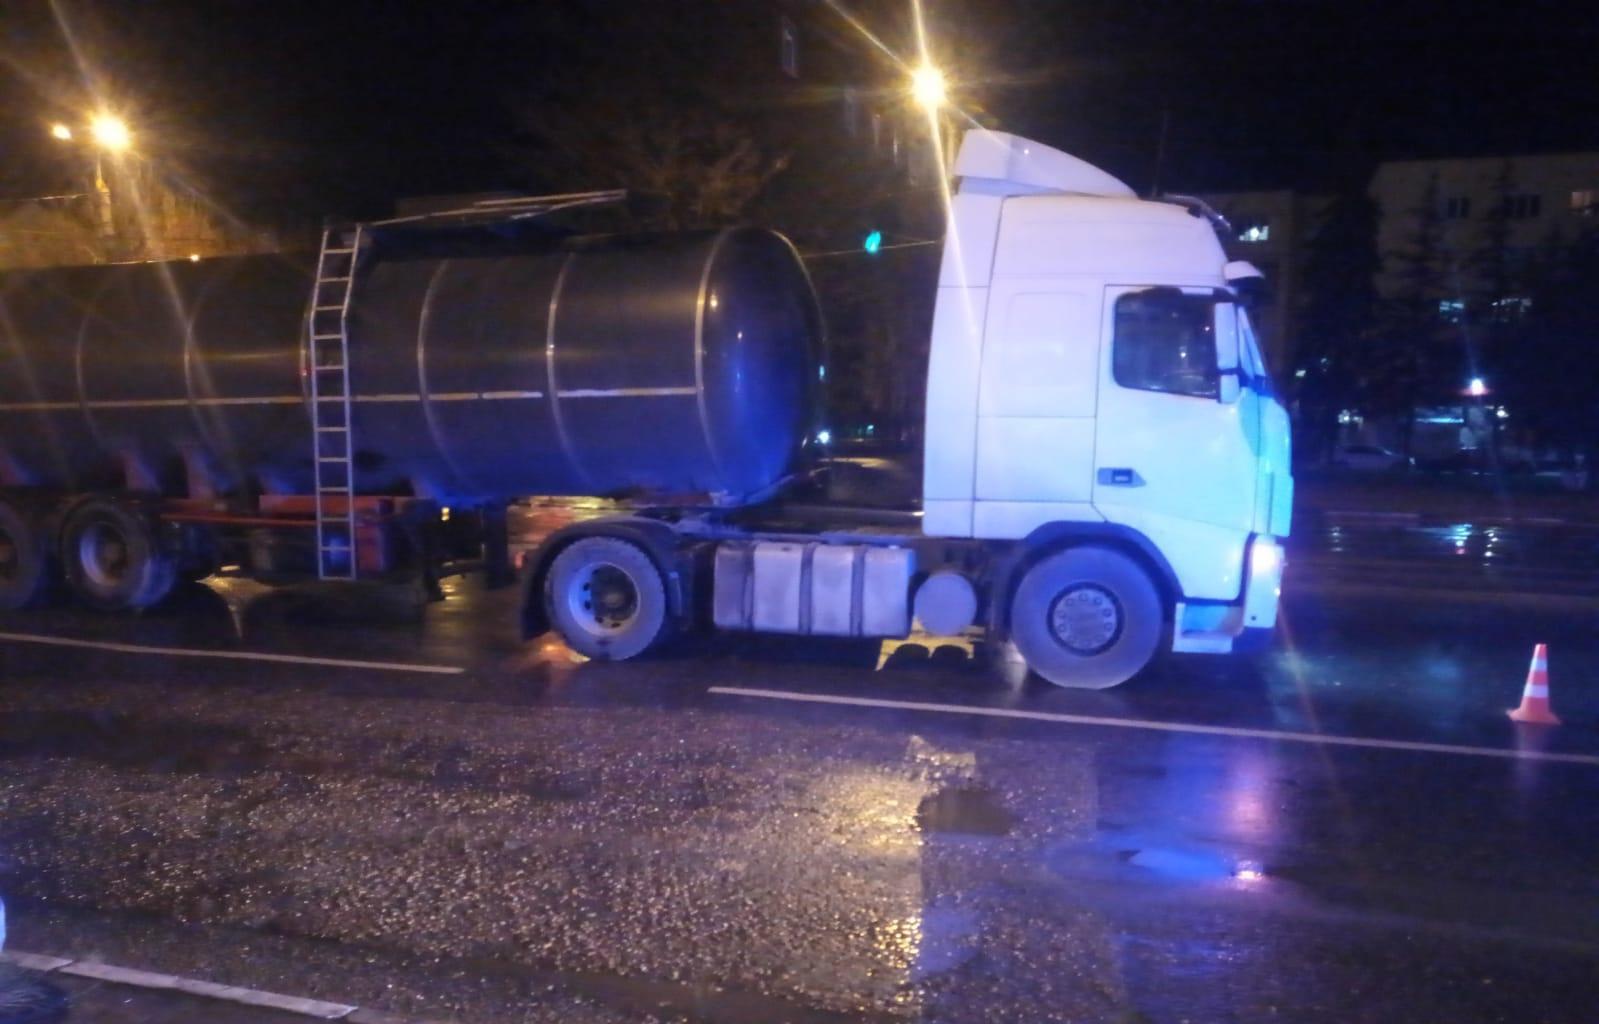 Сбитый в Твери грузовиком пешеход госпитализирован в тяжелом состоянии - новости Афанасий